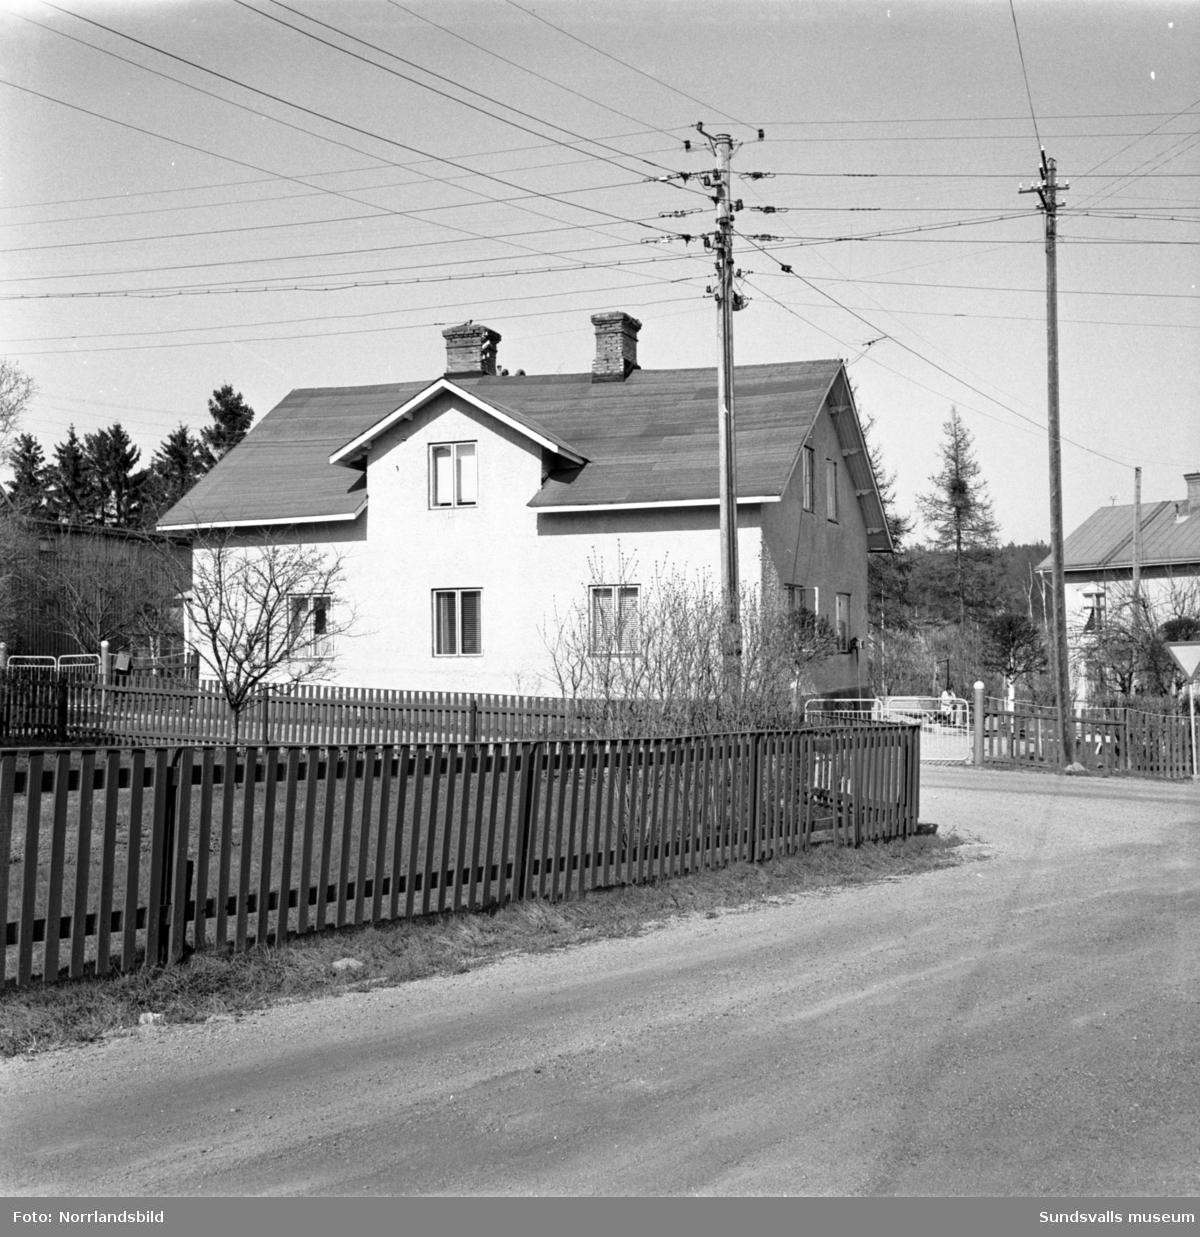 Bostadshus vid Krönvägen 8 i västra Skönsberg som revs i samband med saneringen inför byggete av bostadsområdet vid Riddargatan. Tomten låg i korsningen med Lotsgatan.